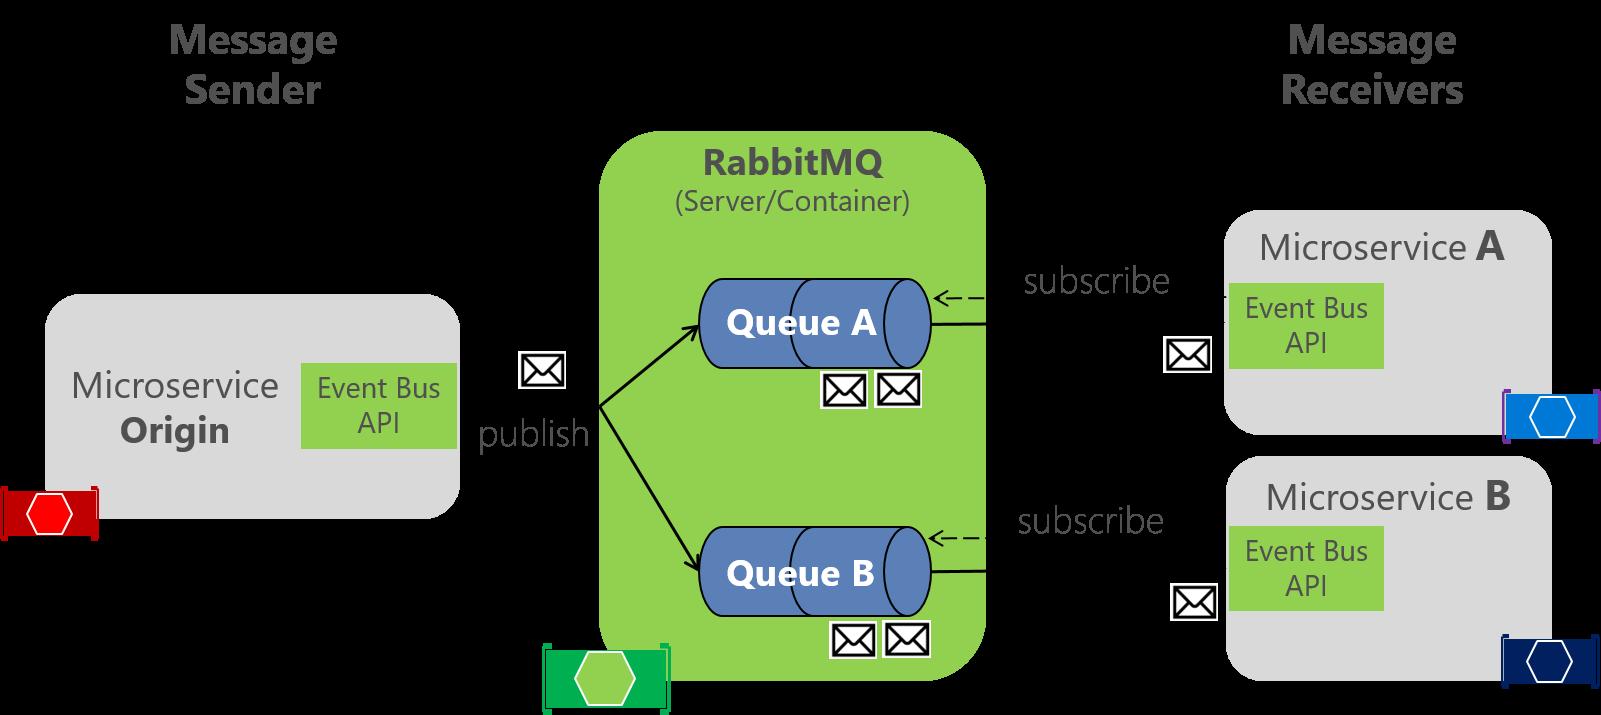 image22 - Problématiques pour la mise en oeuvre de microservices (part. 1)